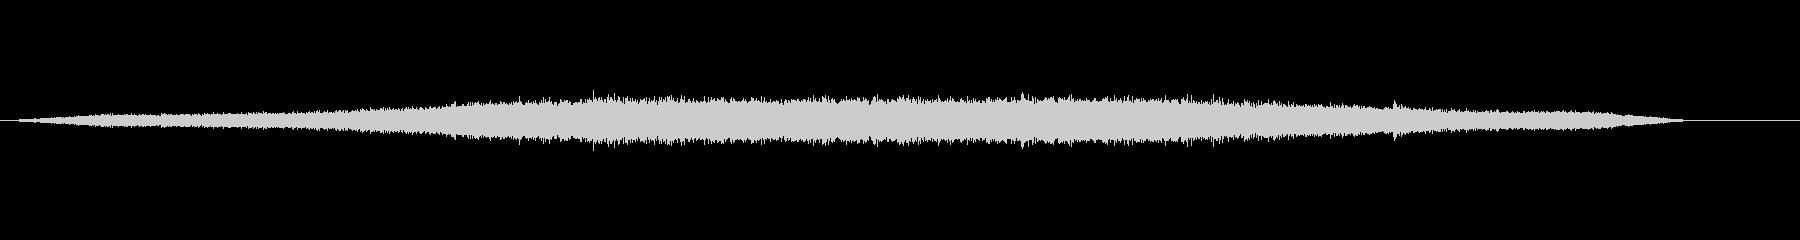 グリロスとサルタモンテス-の未再生の波形